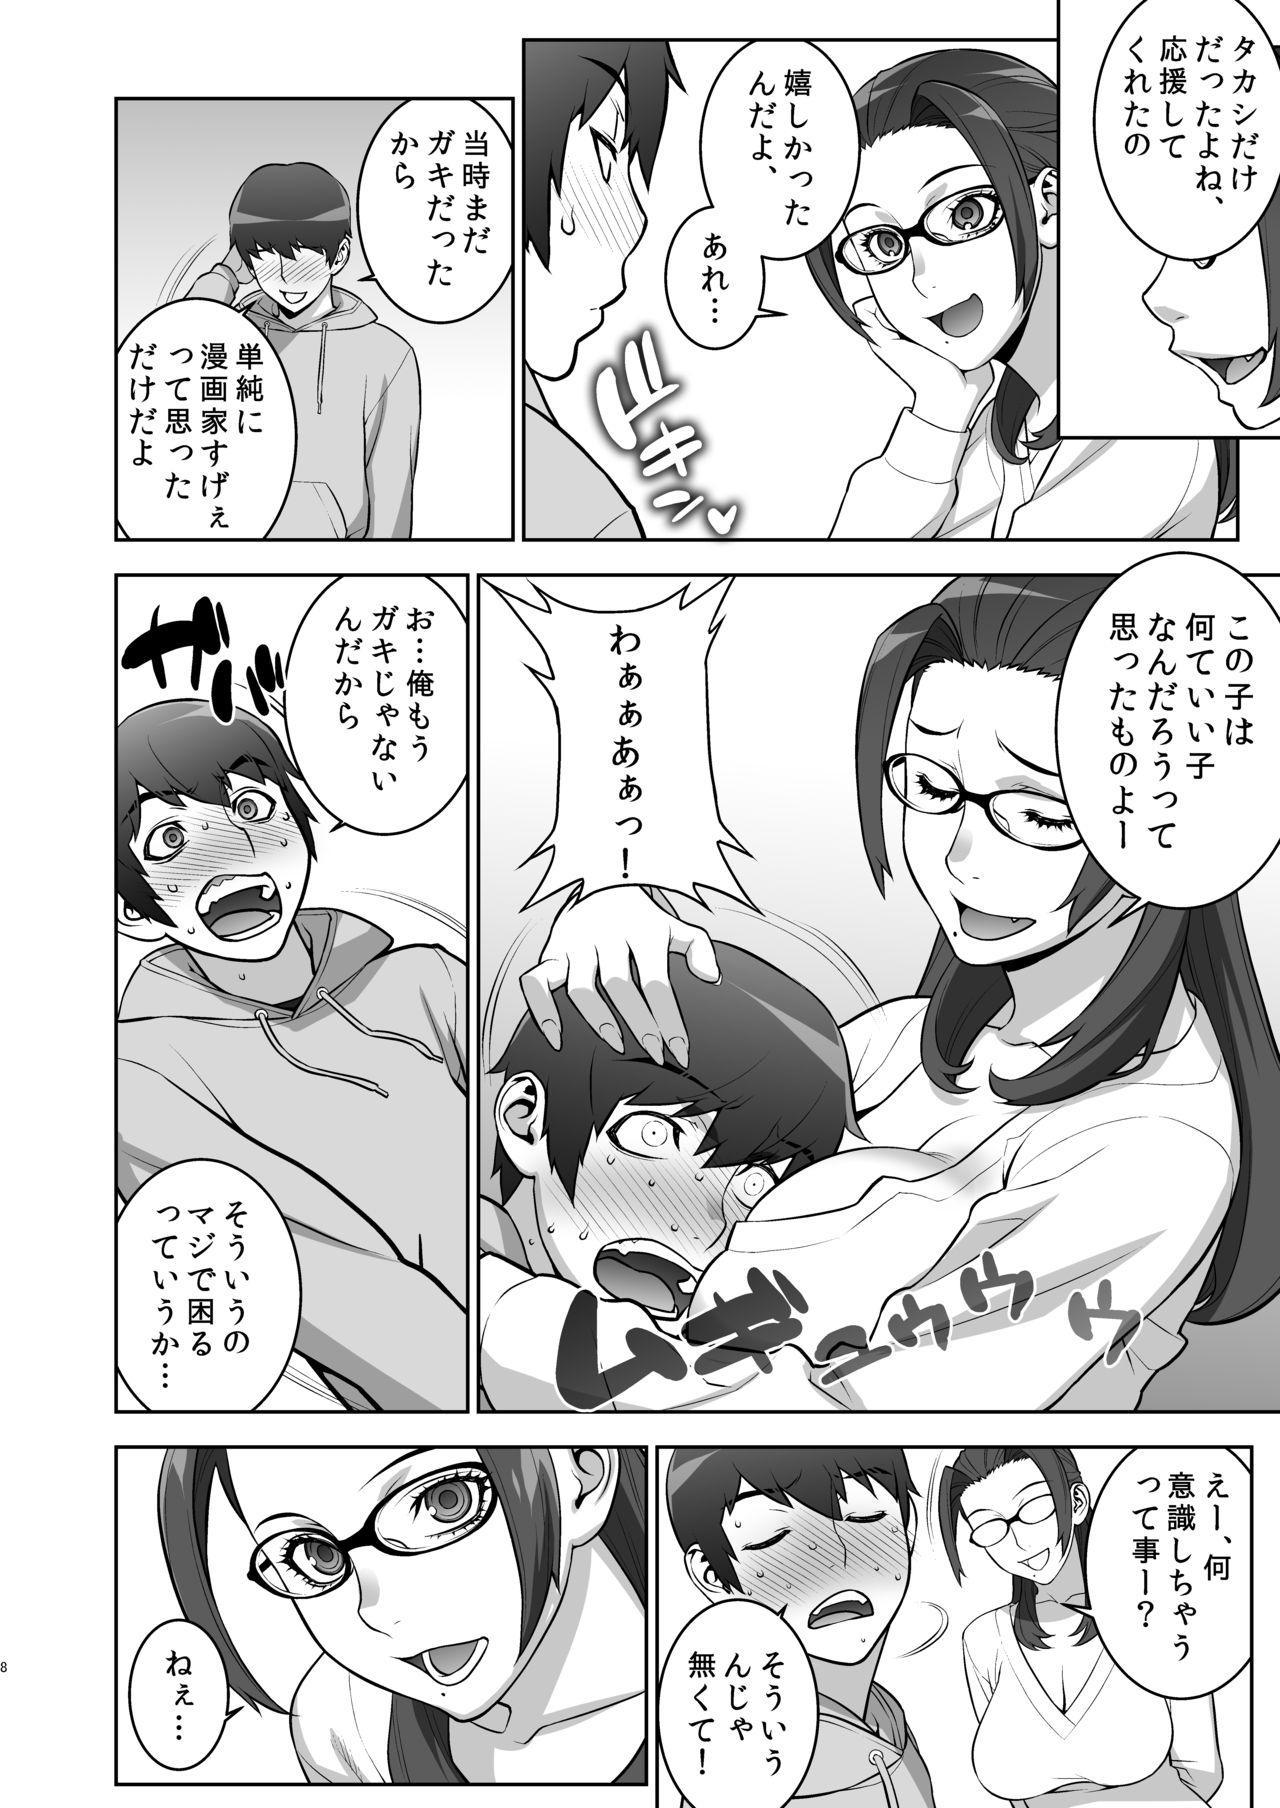 Oba no Uwa Kitsu Cosplay Onanie o Mokugeki Shita Ken 6